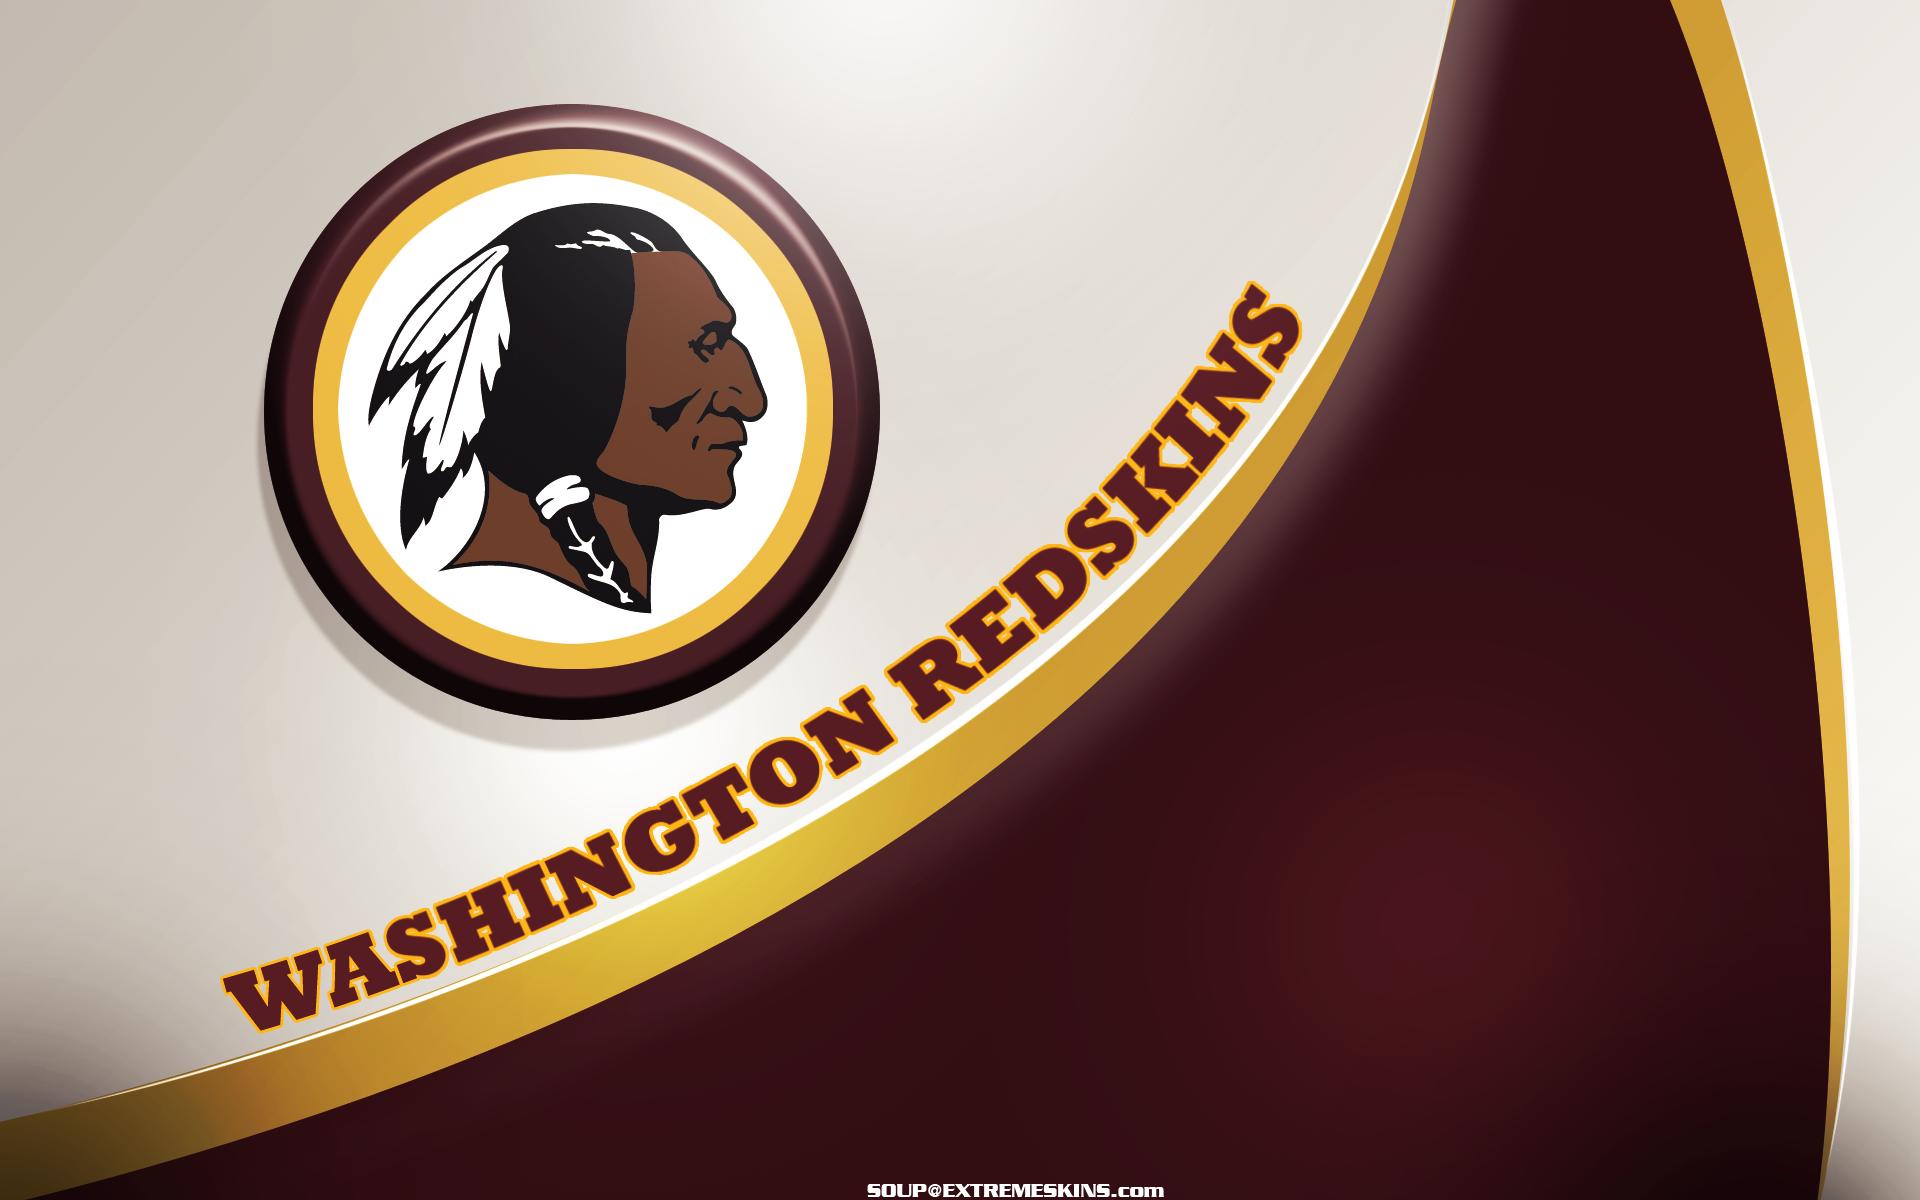 Washington Redskins wallpaper ever Washington Redskins wallpapers 1920x1200